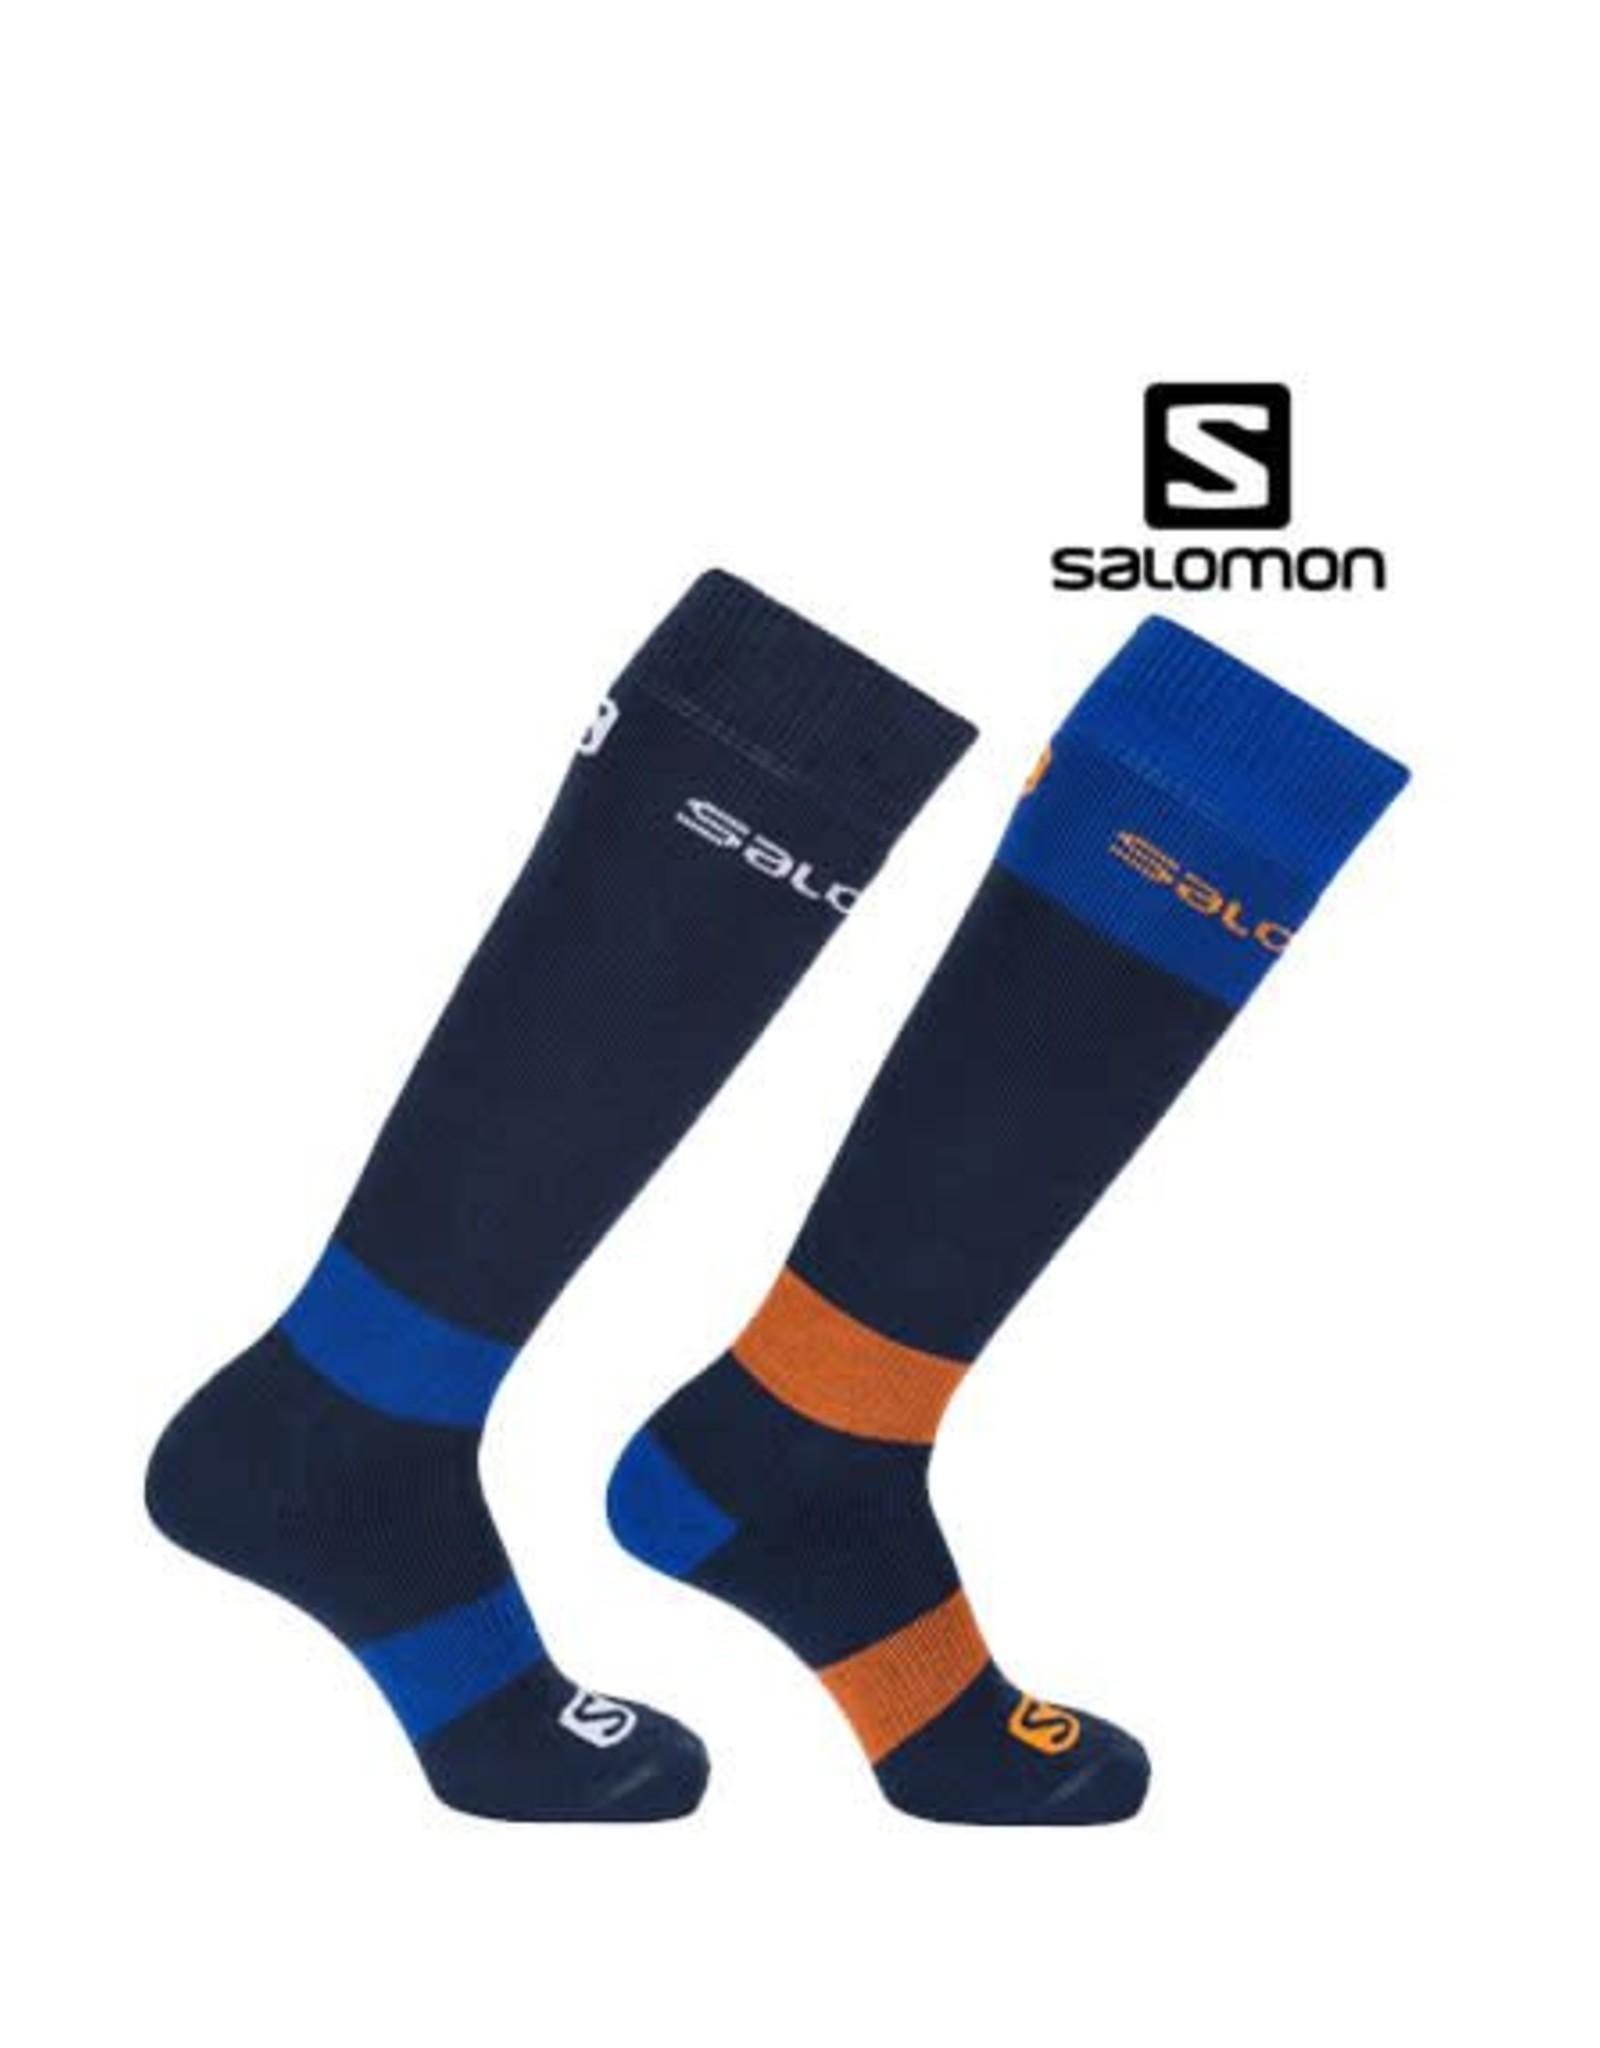 SALOMON SALOMON SKISOKKEN ALL-Round 2-pack